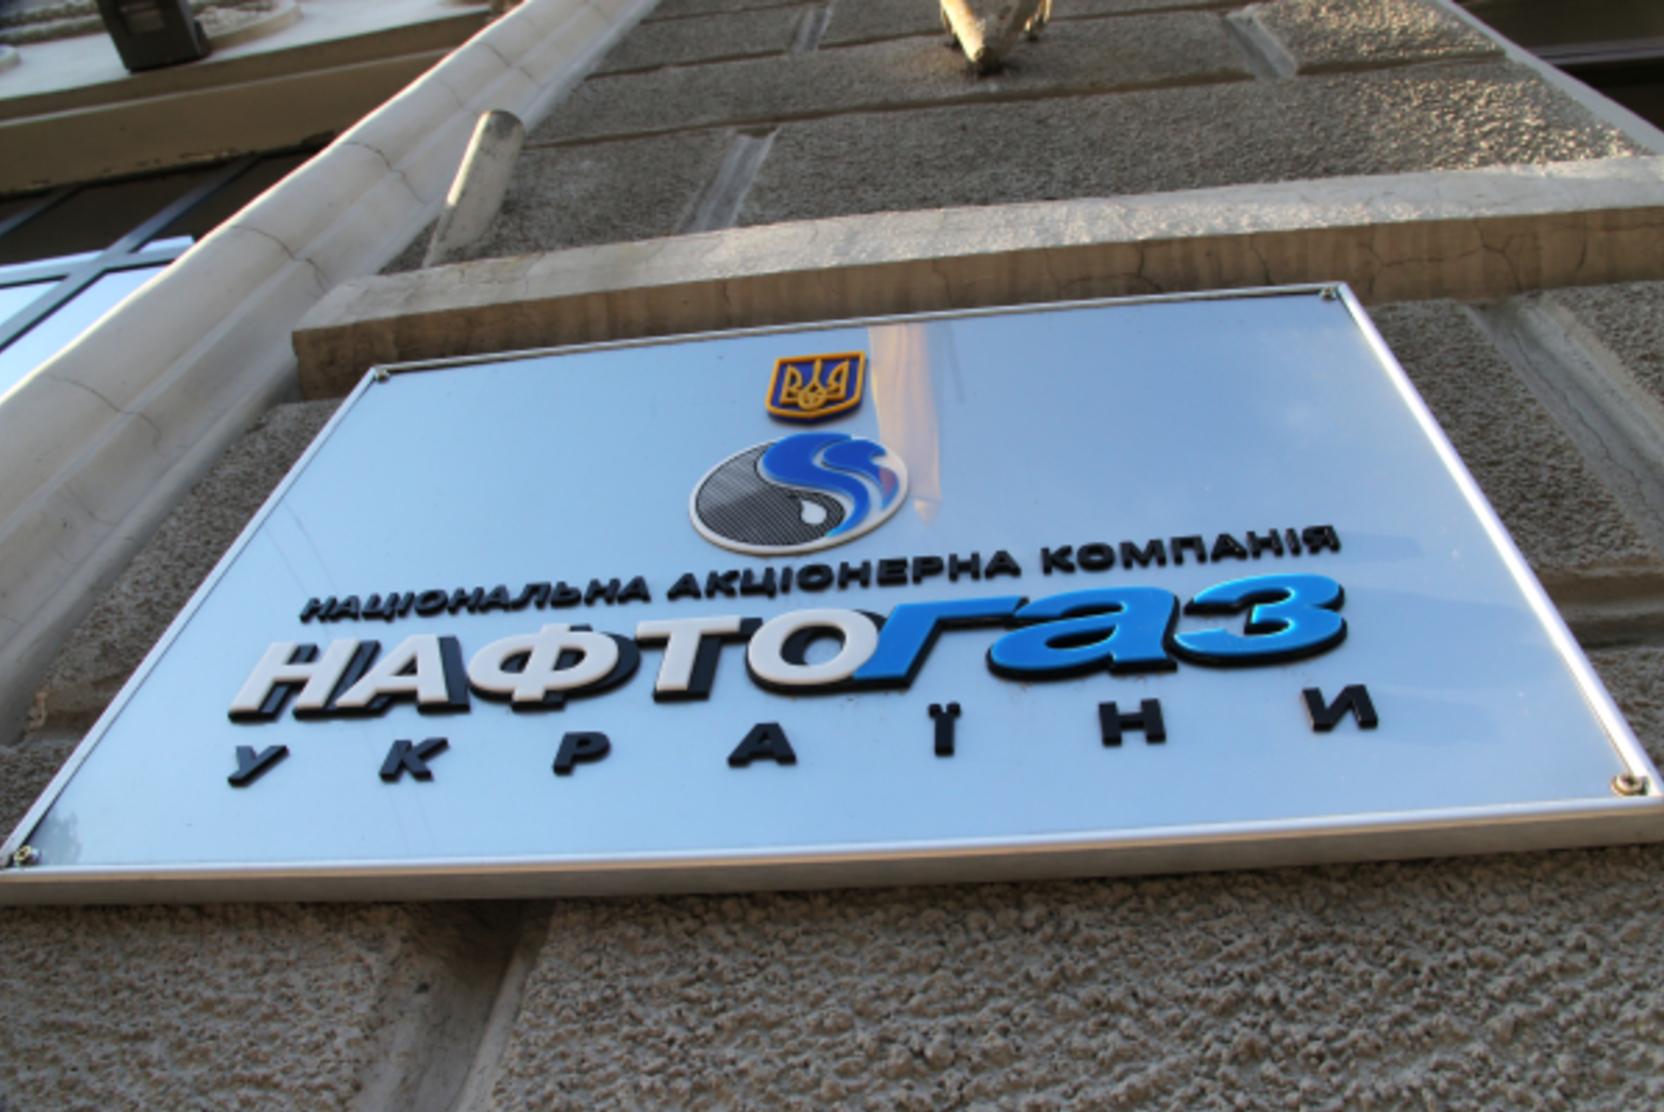 Нафтогаз готов продлить контракт с Газпромом в качестве предохранителя от войны с Россией